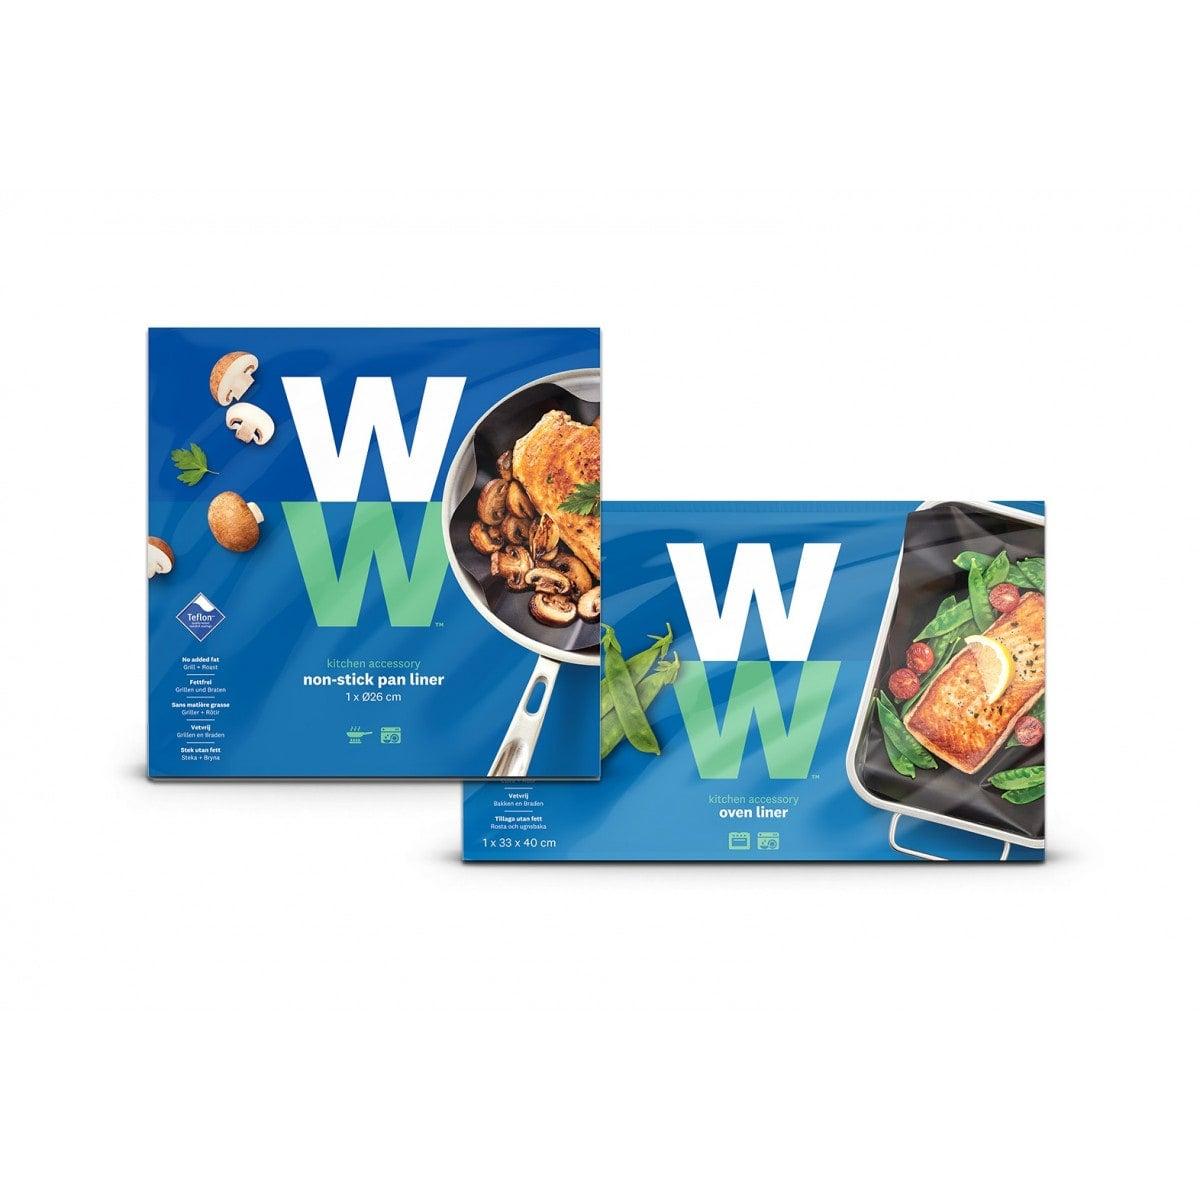 WW Backofen- und Bratfolie Doppelpack in blauer Verpackung mit Produktbild